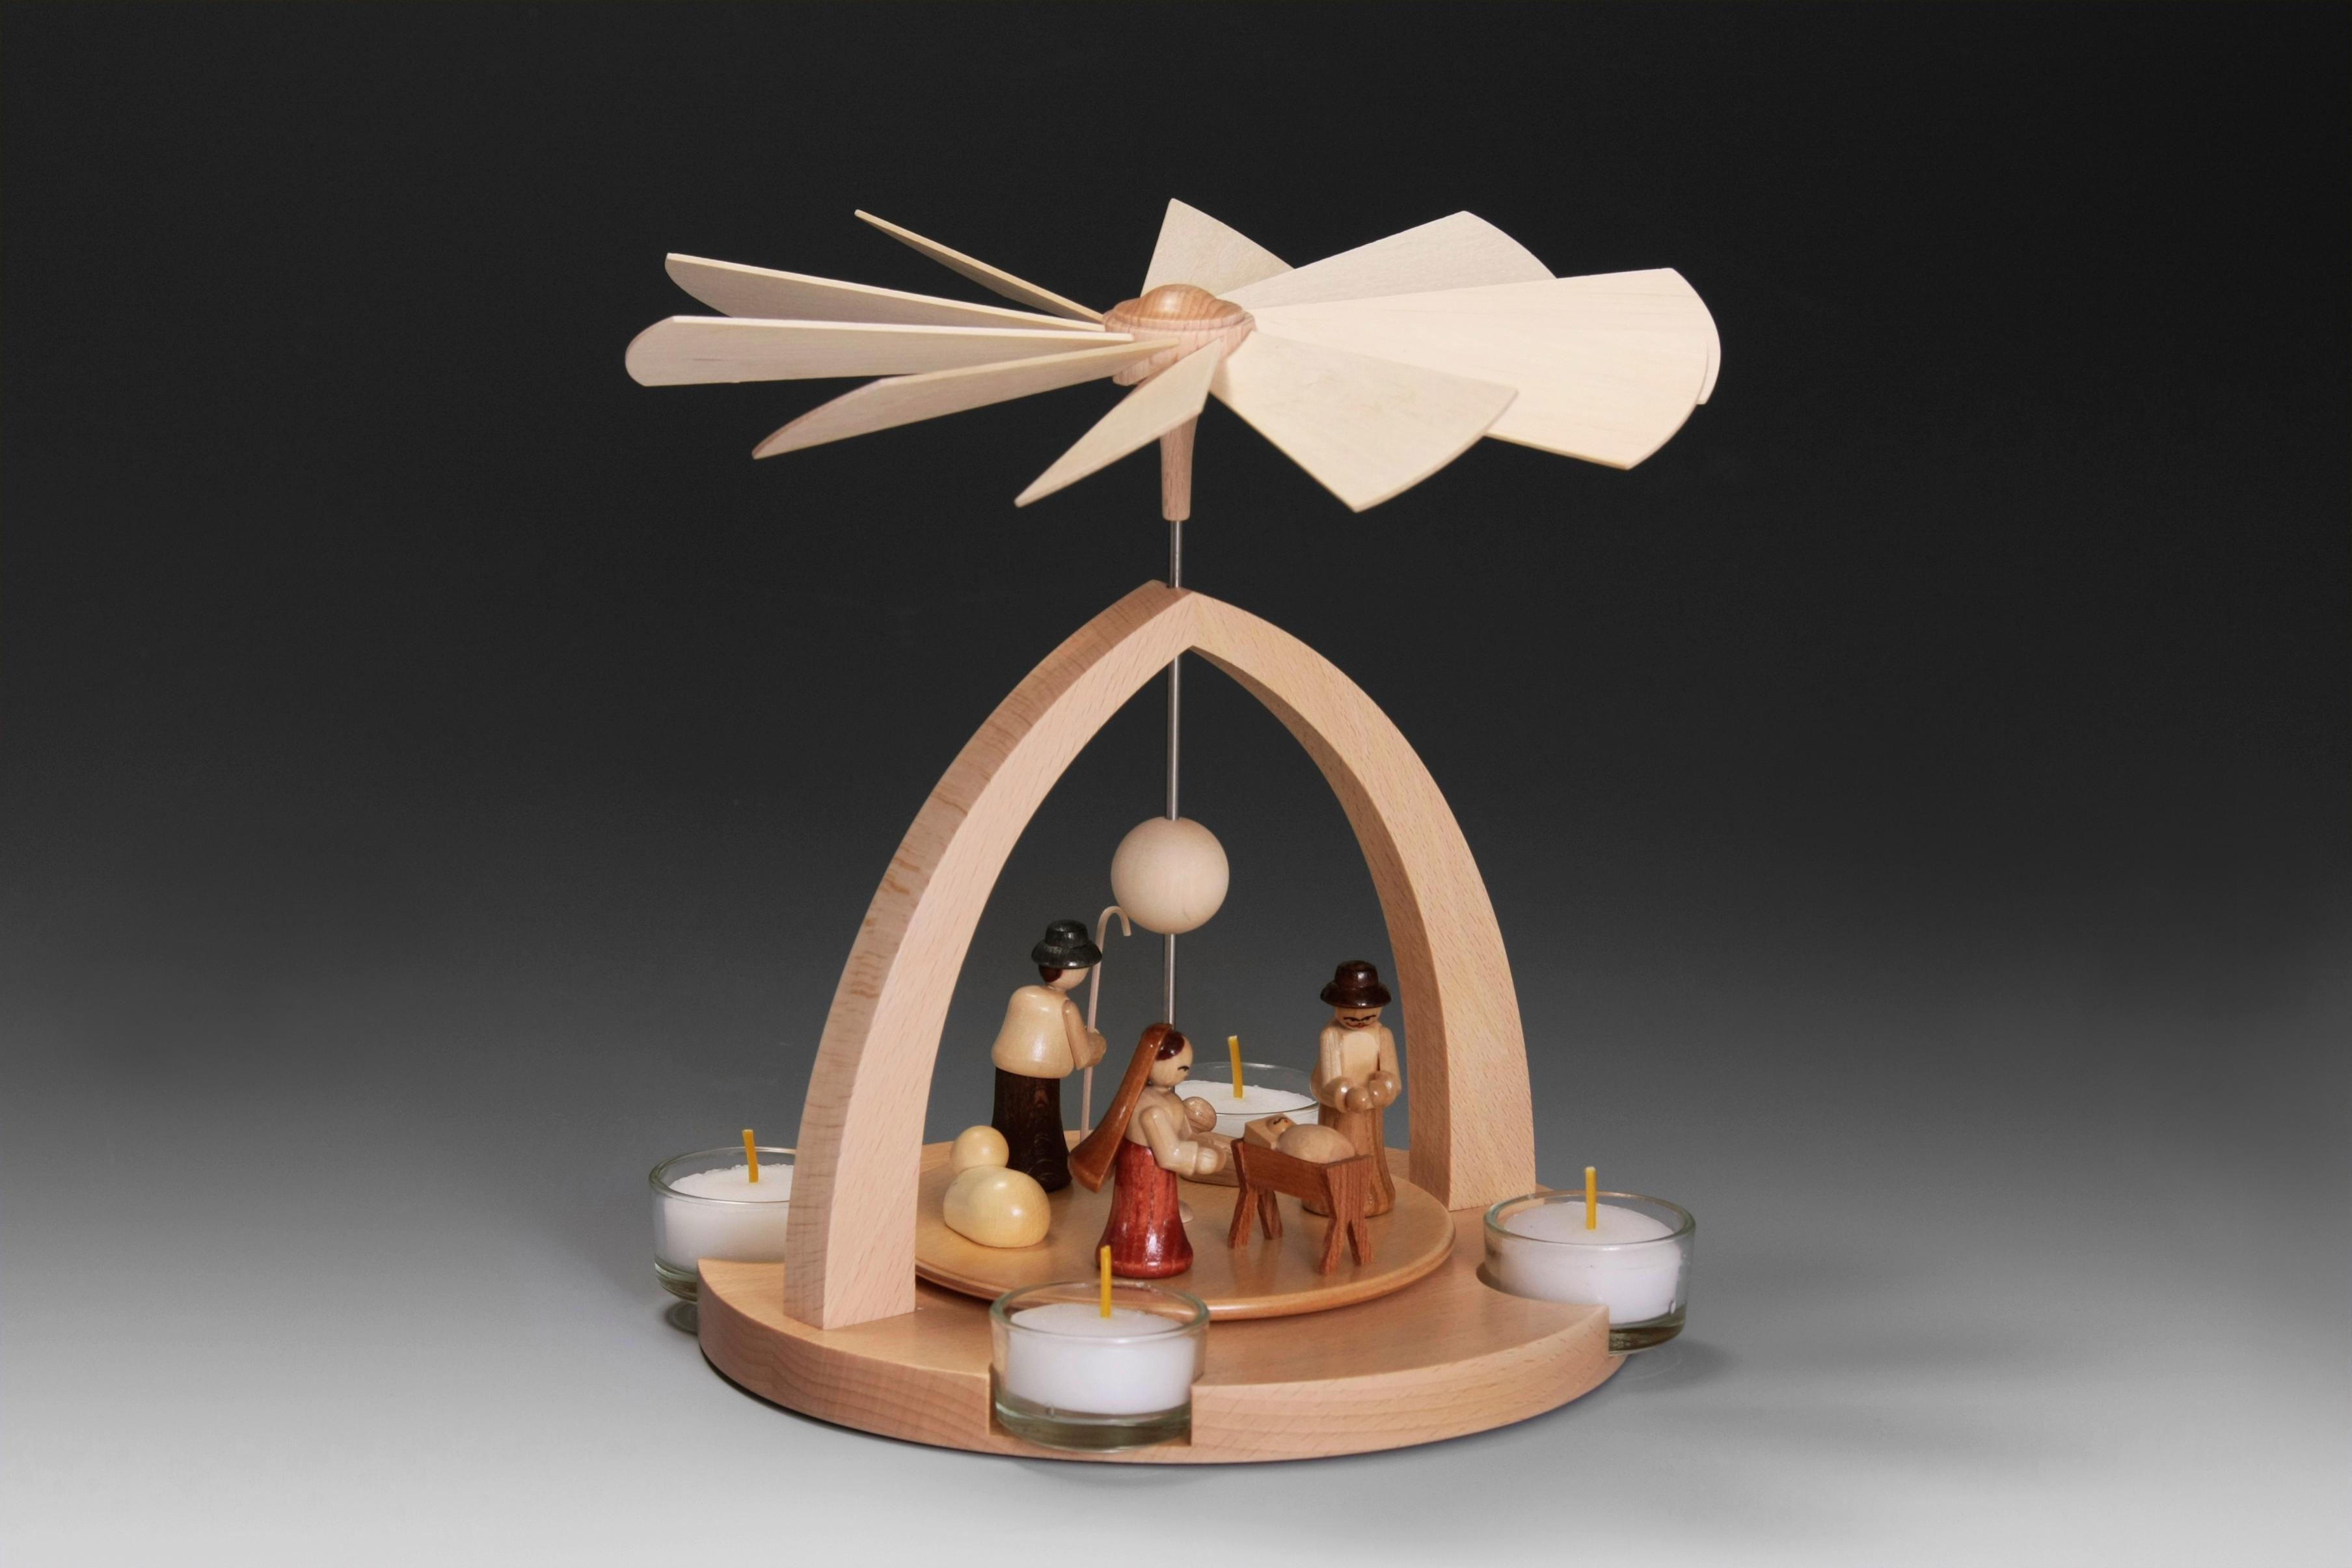 Albin Preissler kerstpiramide Tafelpyramide - de geboorte van Jezus traditioneel veilig op otto.nl kopen